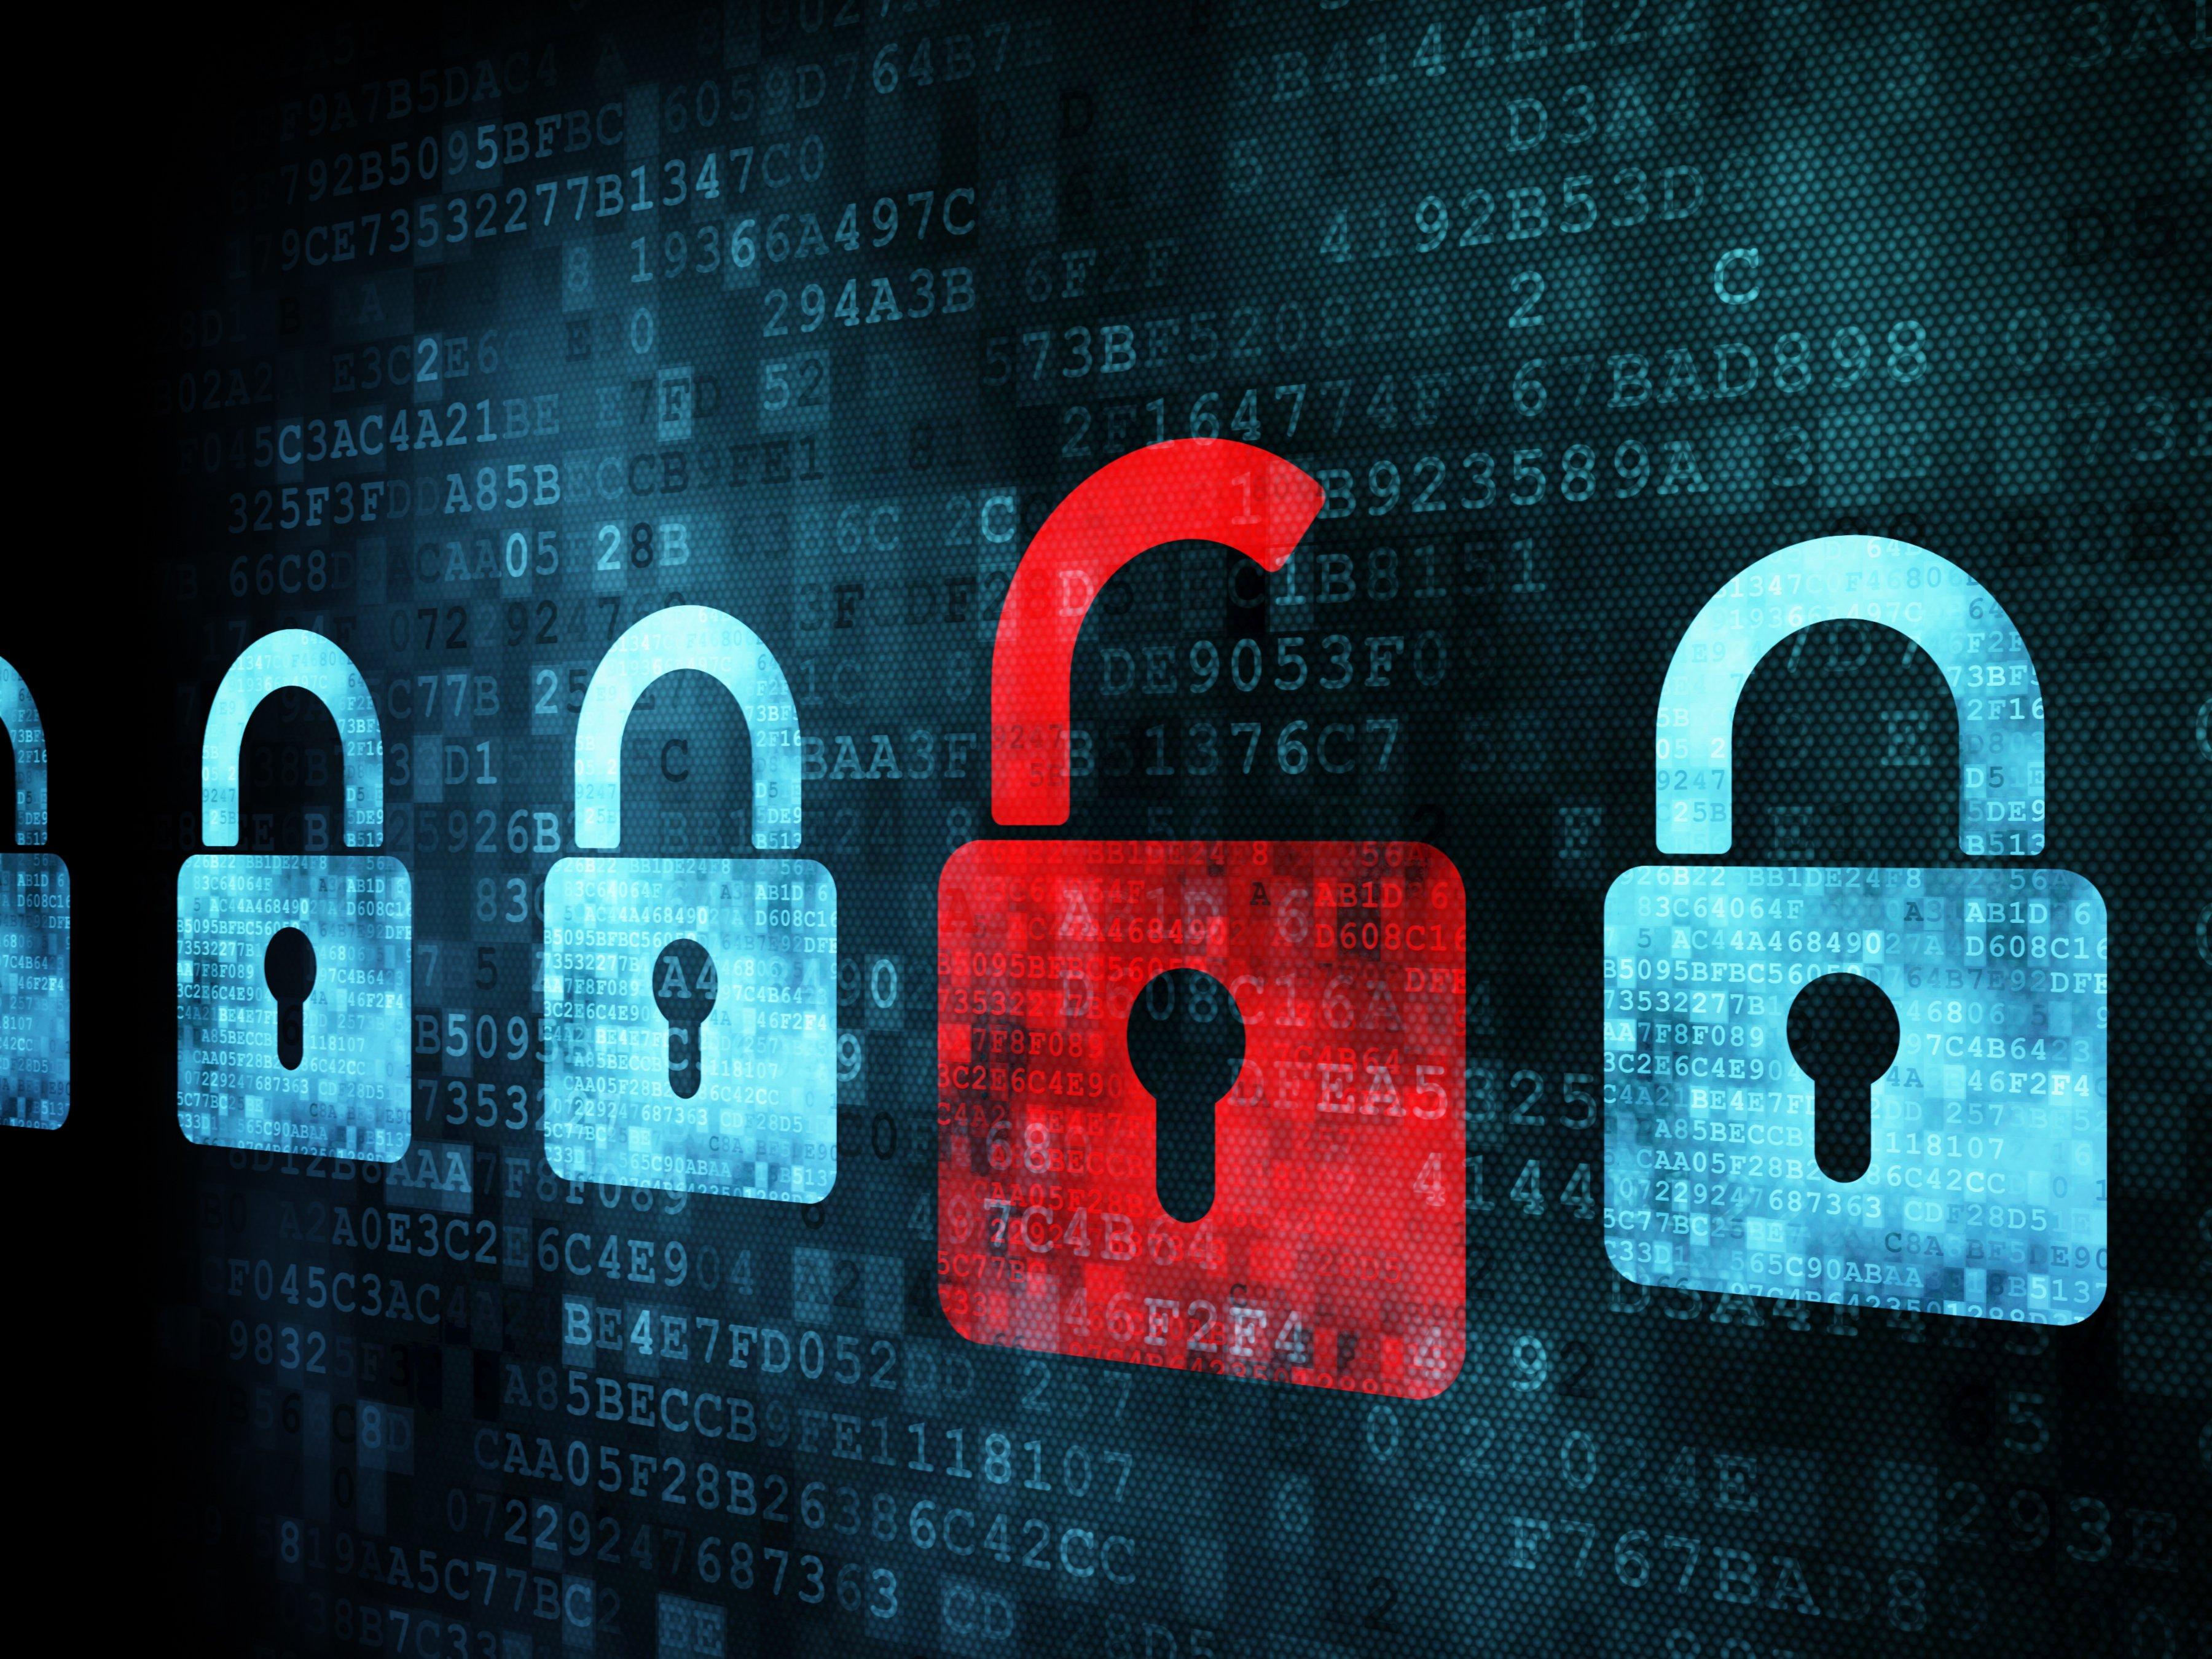 機械装置メーカ(OEM)の事例が実証、セキュリティ対策の鍵は柔軟なアプローチ